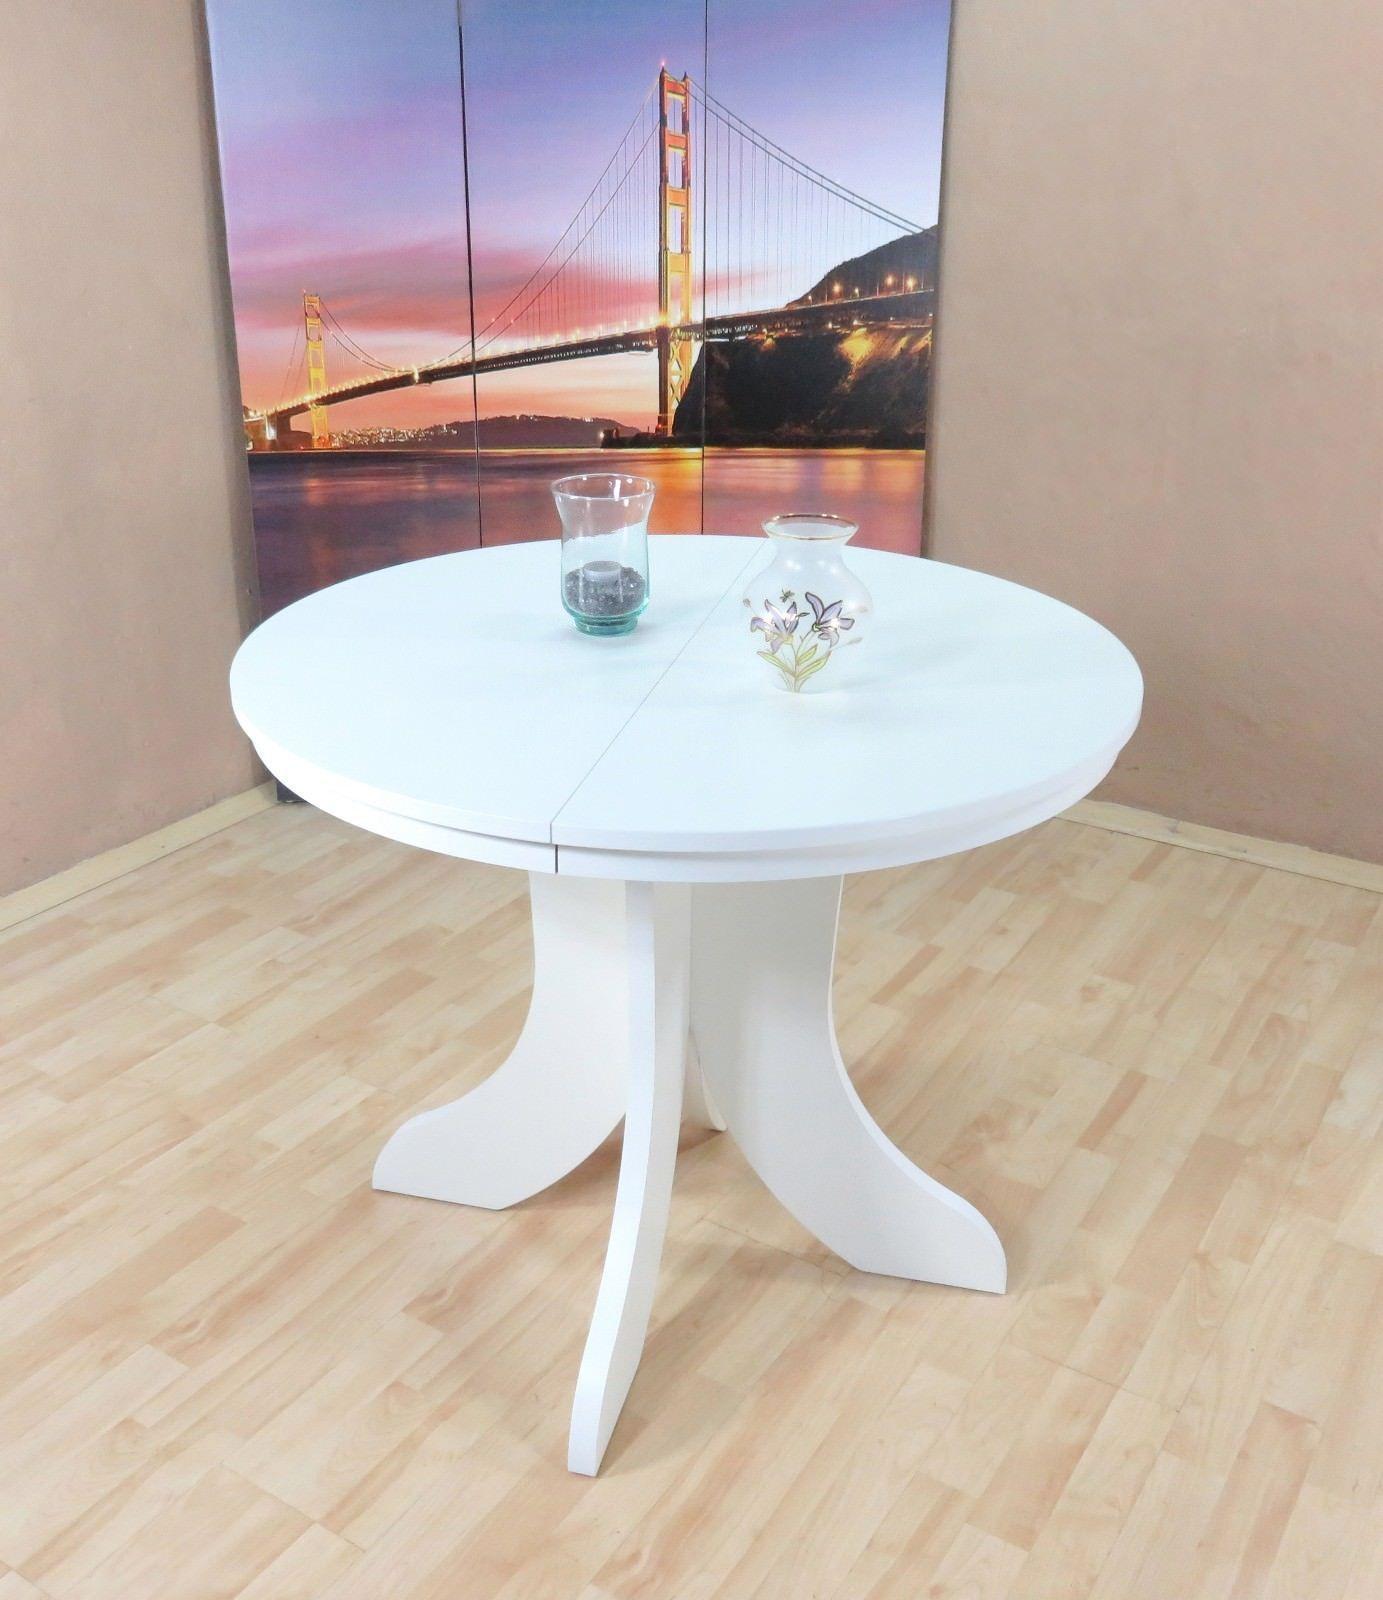 Esstisch weiß rund Ausziehbar Küche Esszimmer Bistrotisch günstig ...